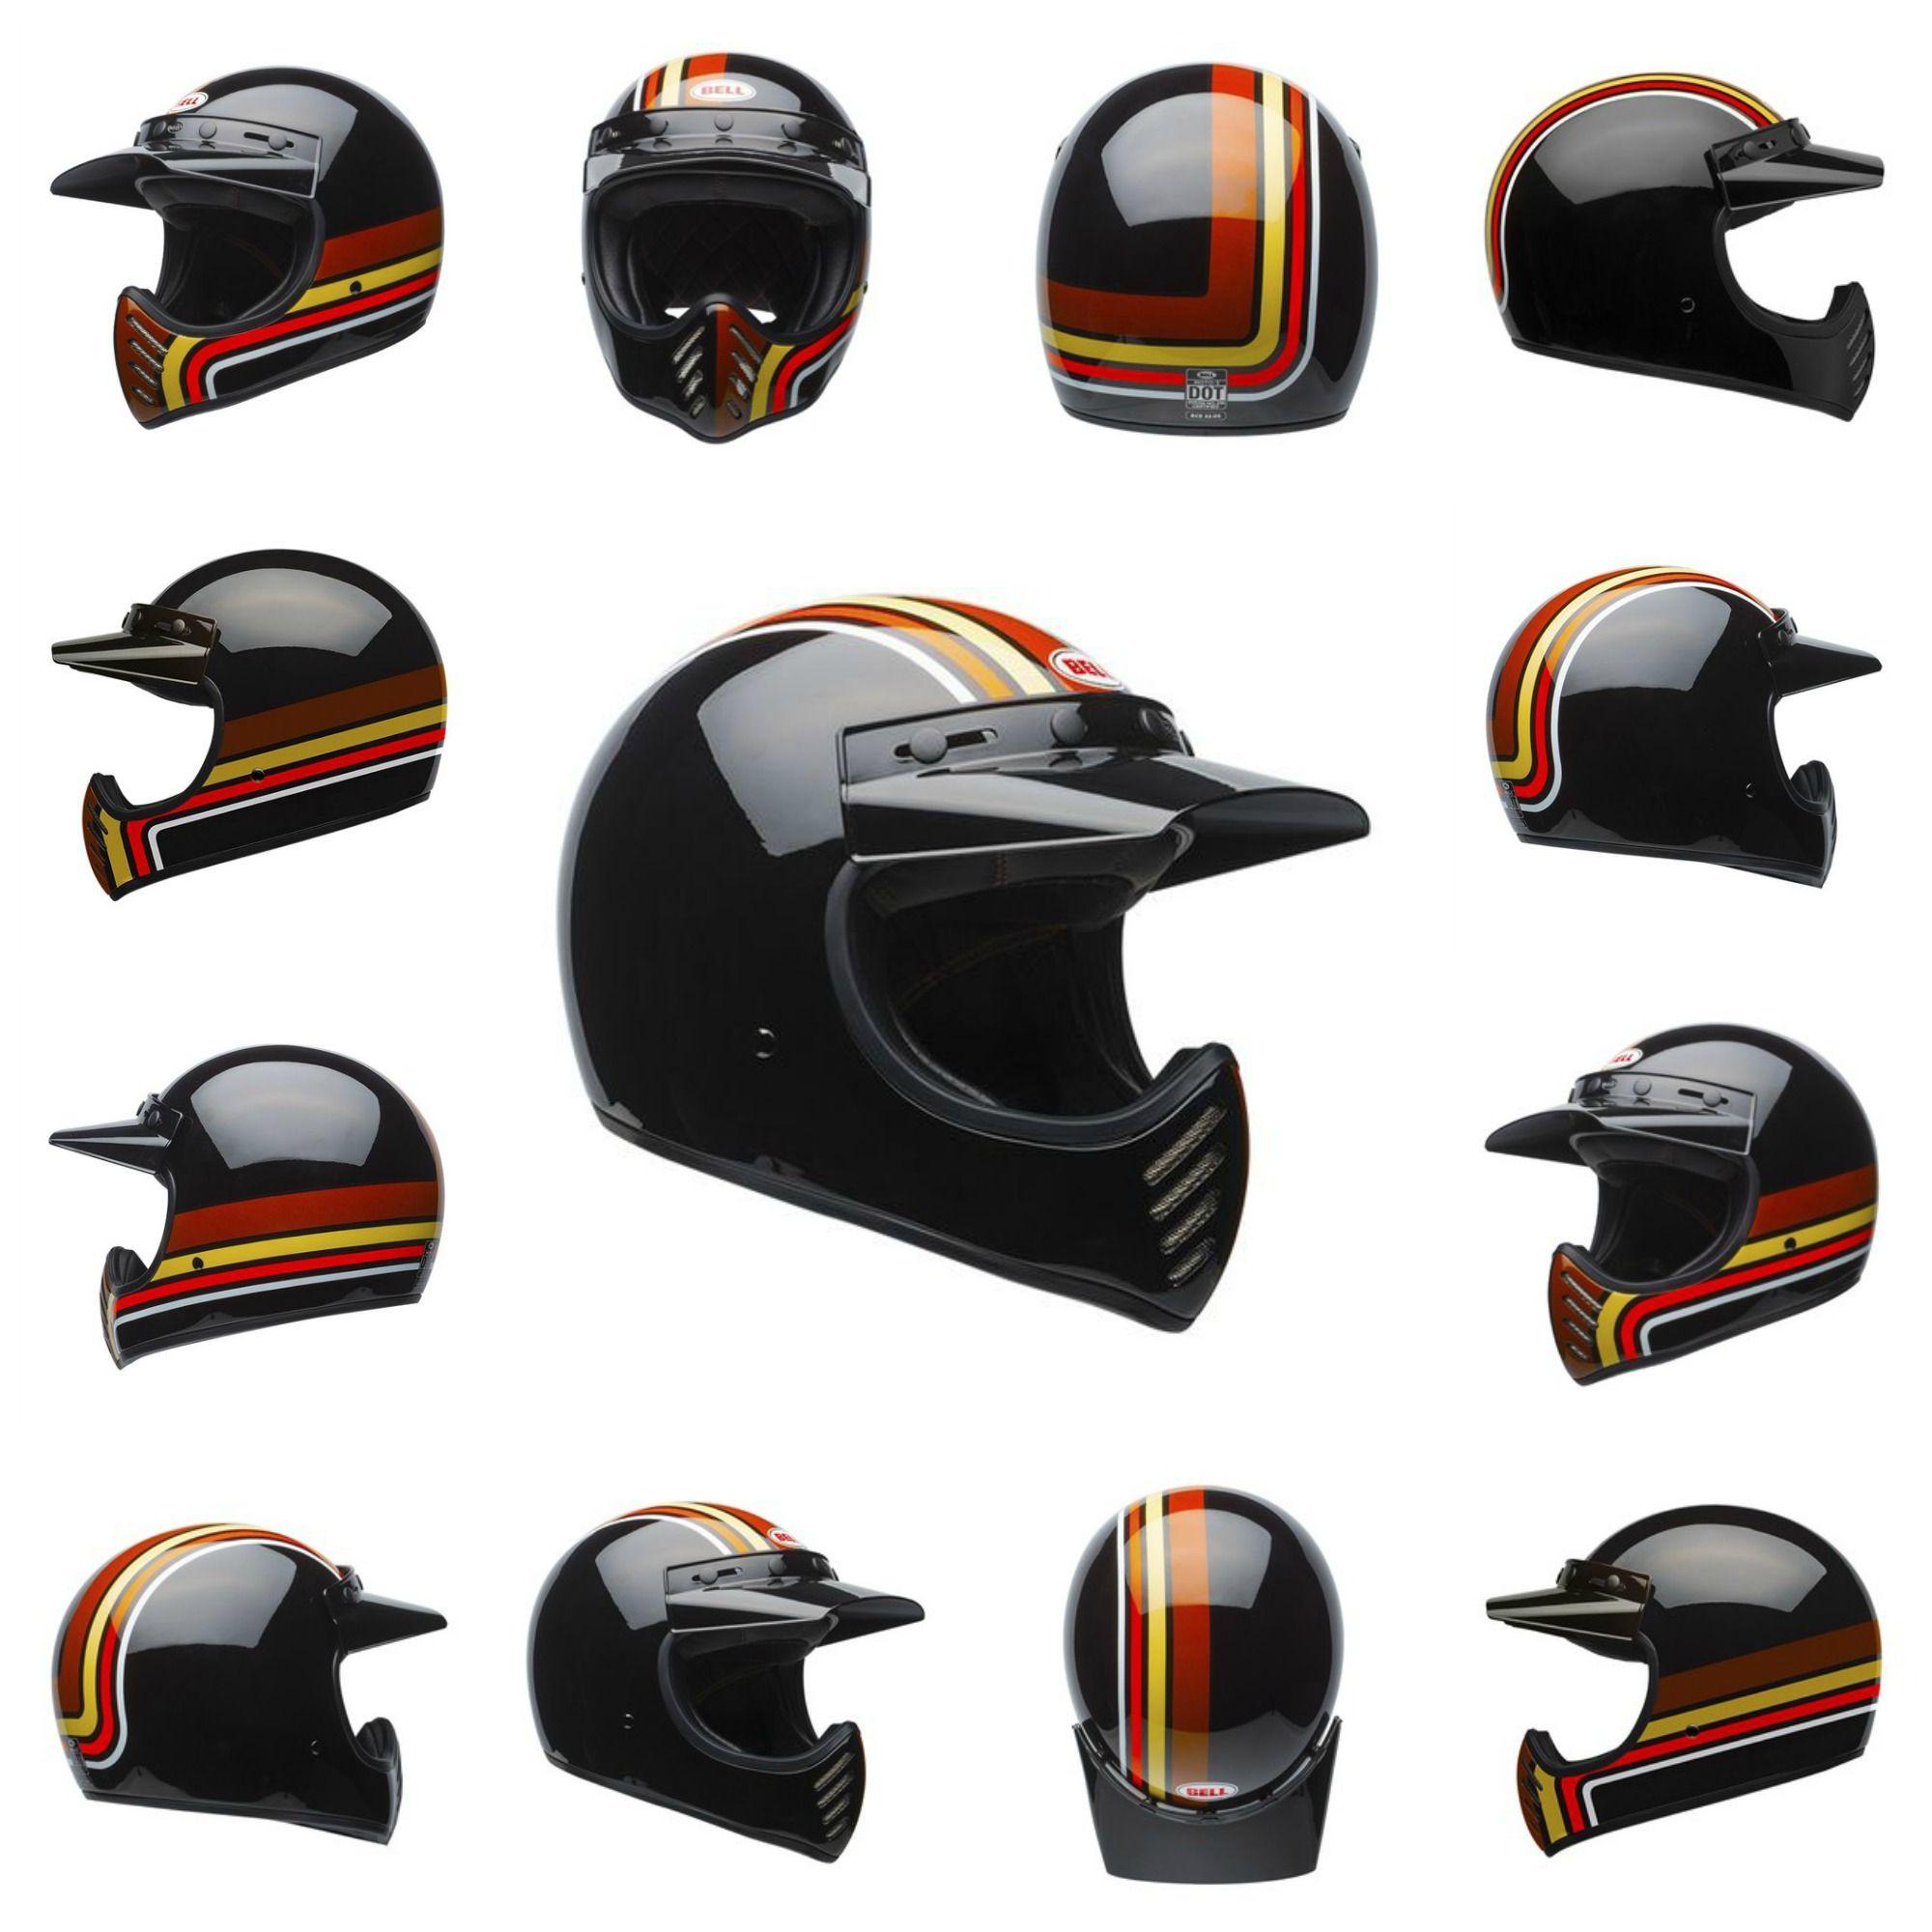 The Bell Moto 3 Motorcycle Helmet